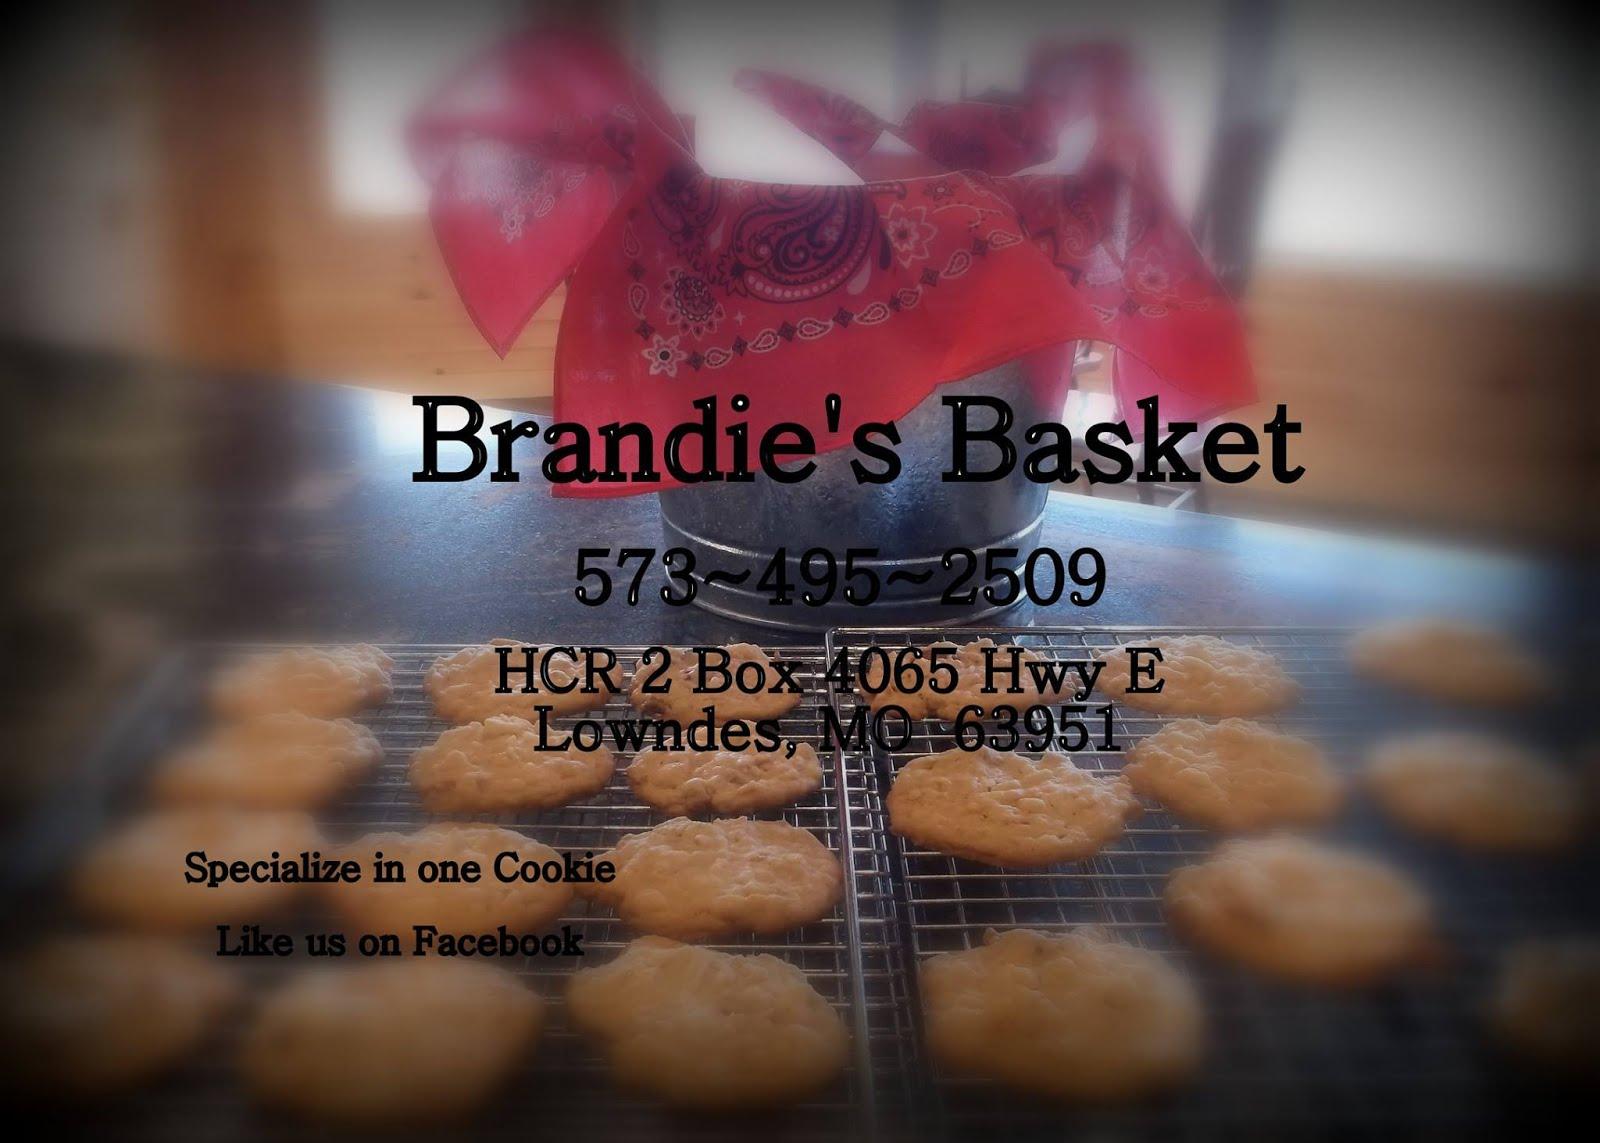 Brandie's Basket